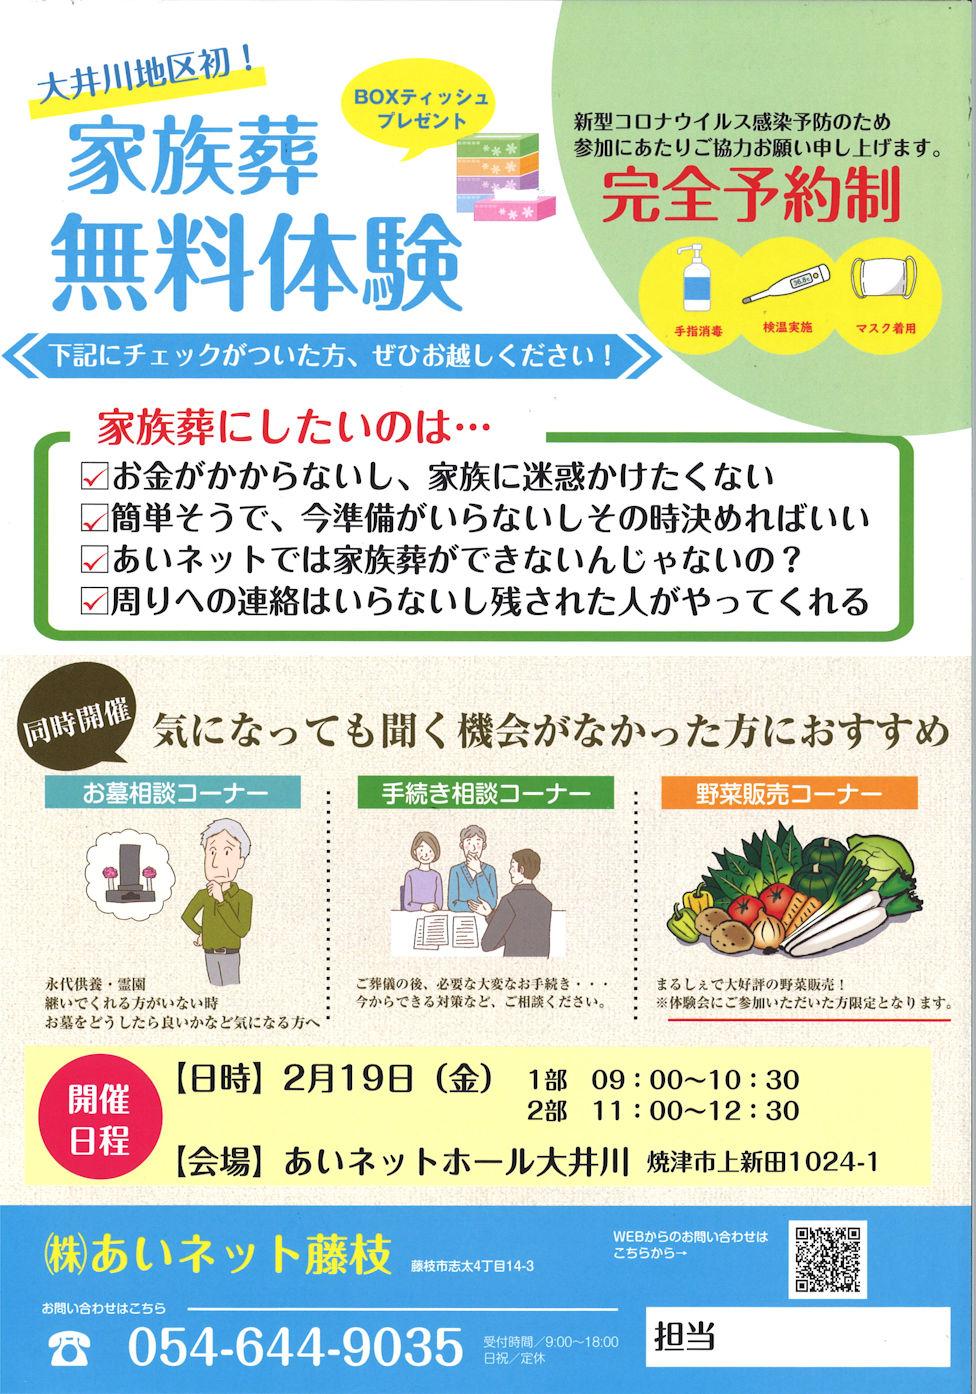 2月19日(金)家族葬体験イベント㏌あいネットホール大井川